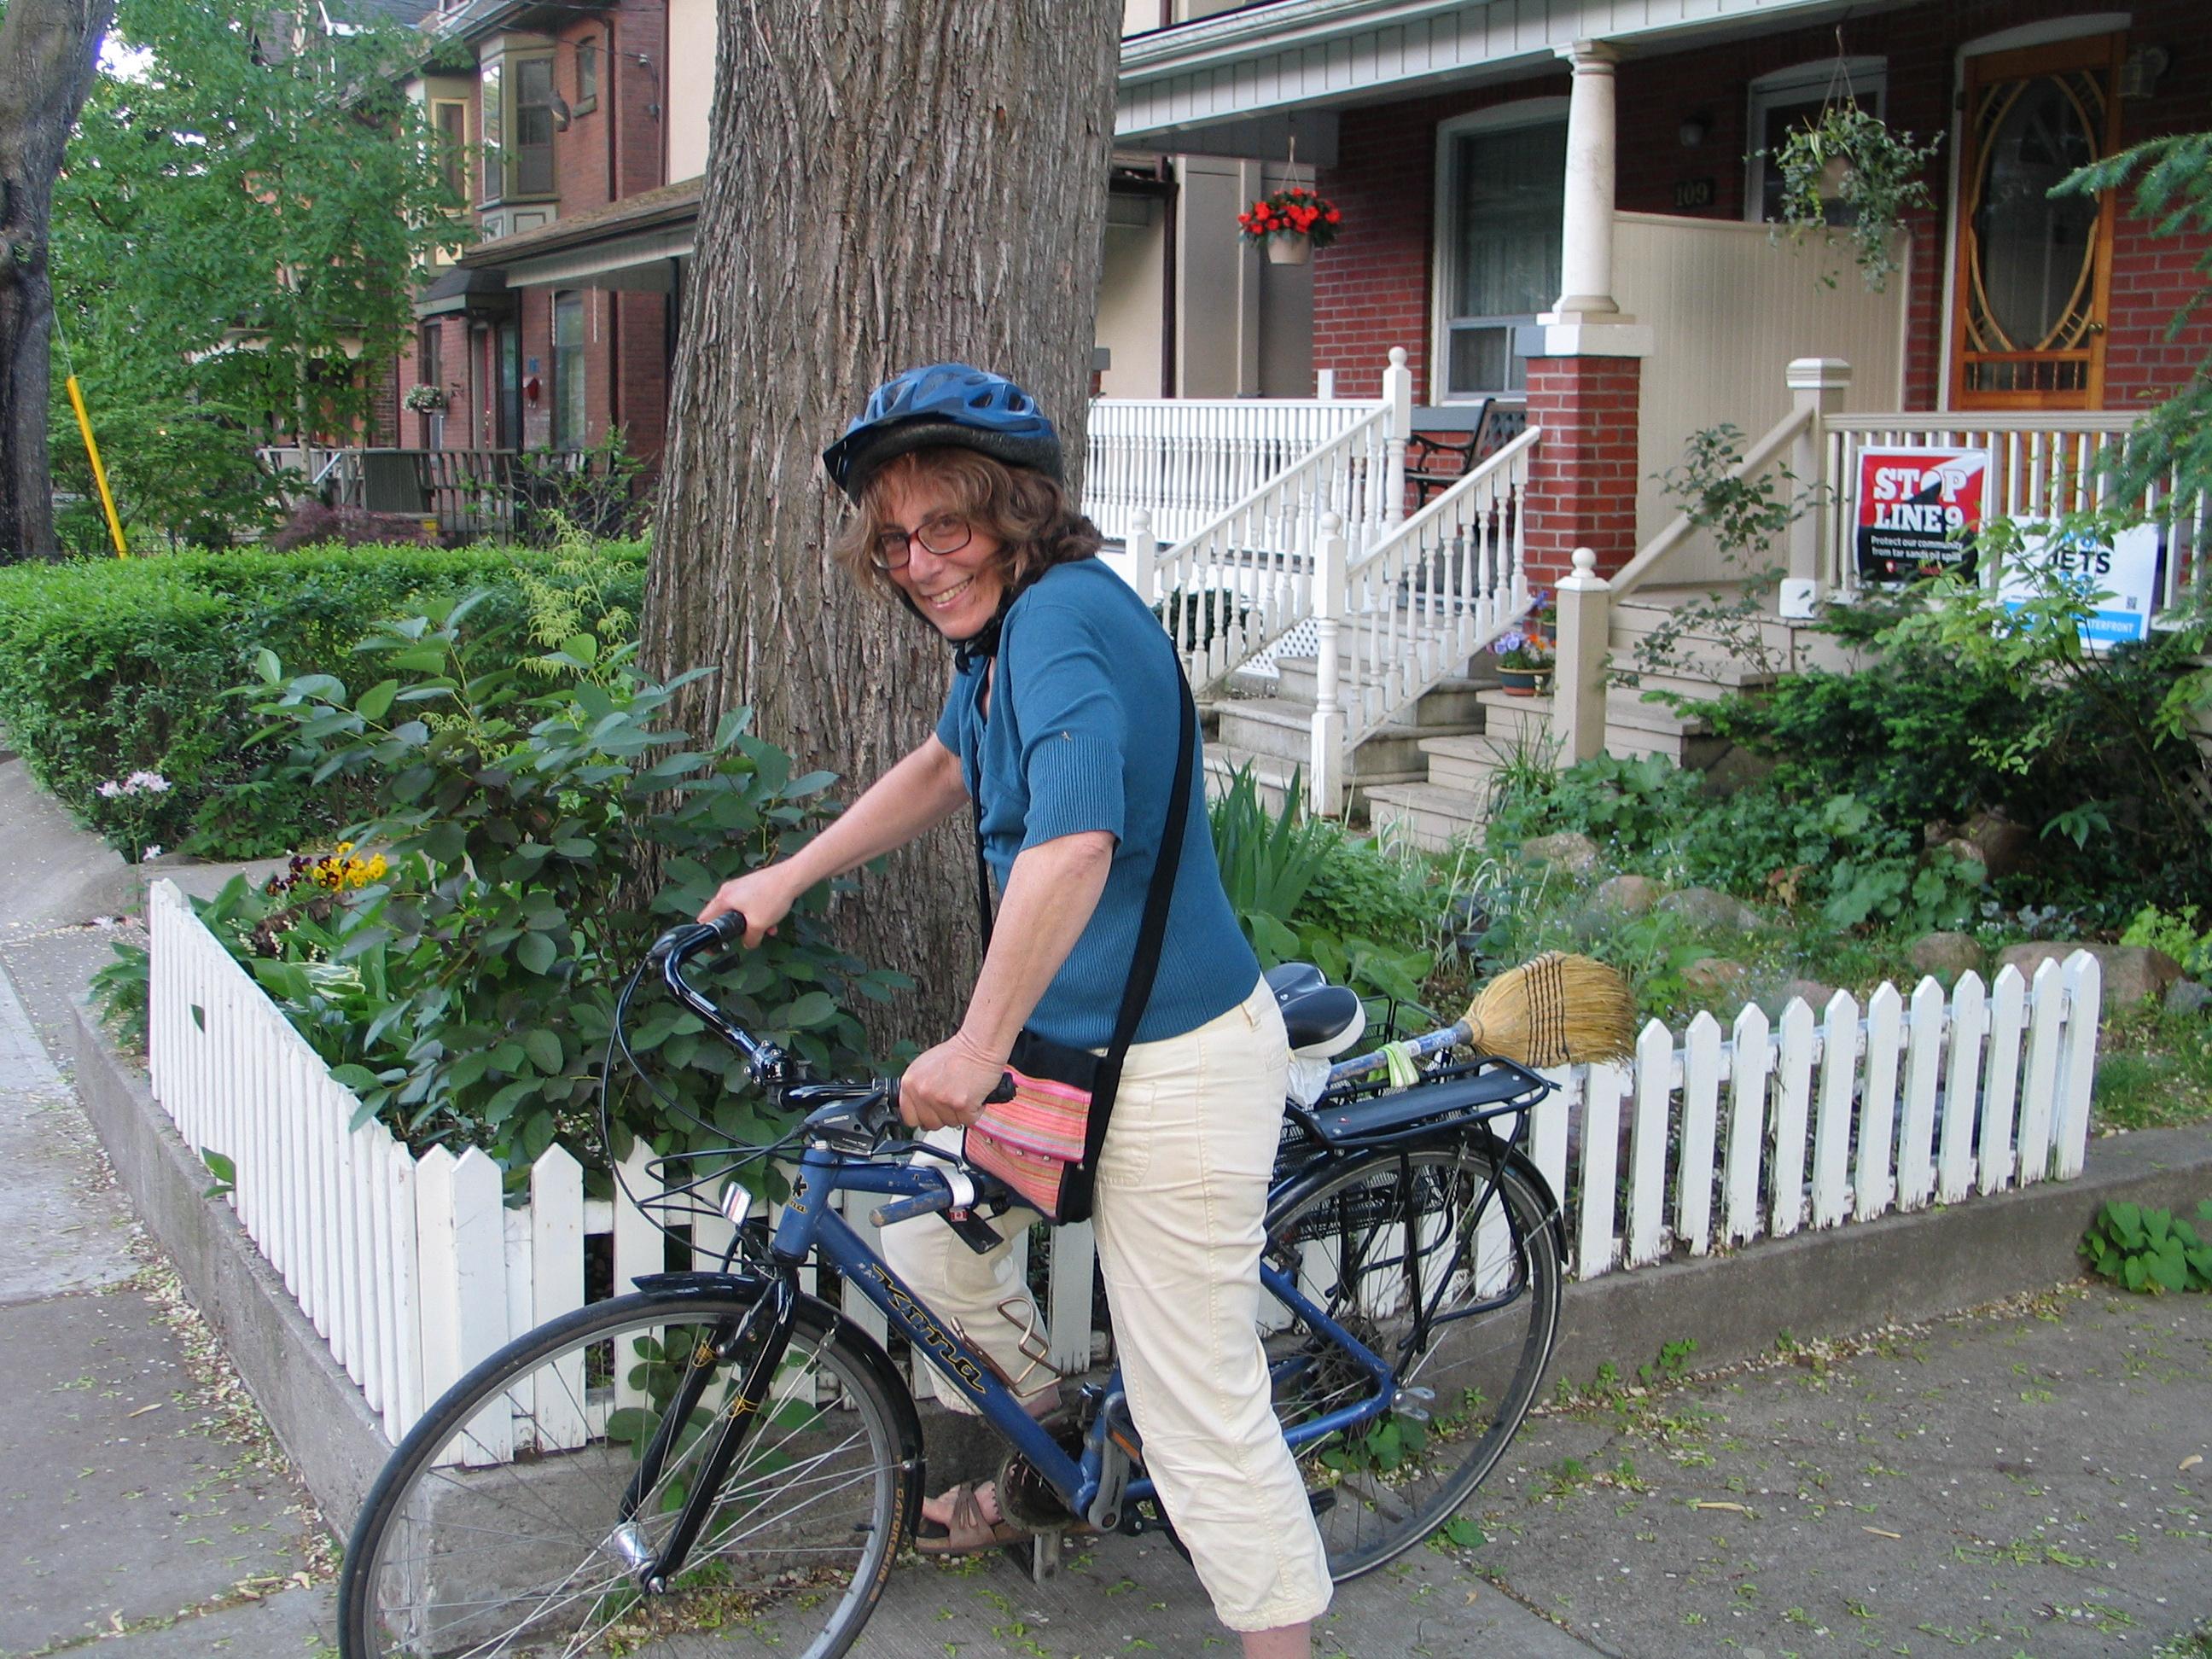 Miriam Garfinkle on her bike: Photo by Ulli Diemer.